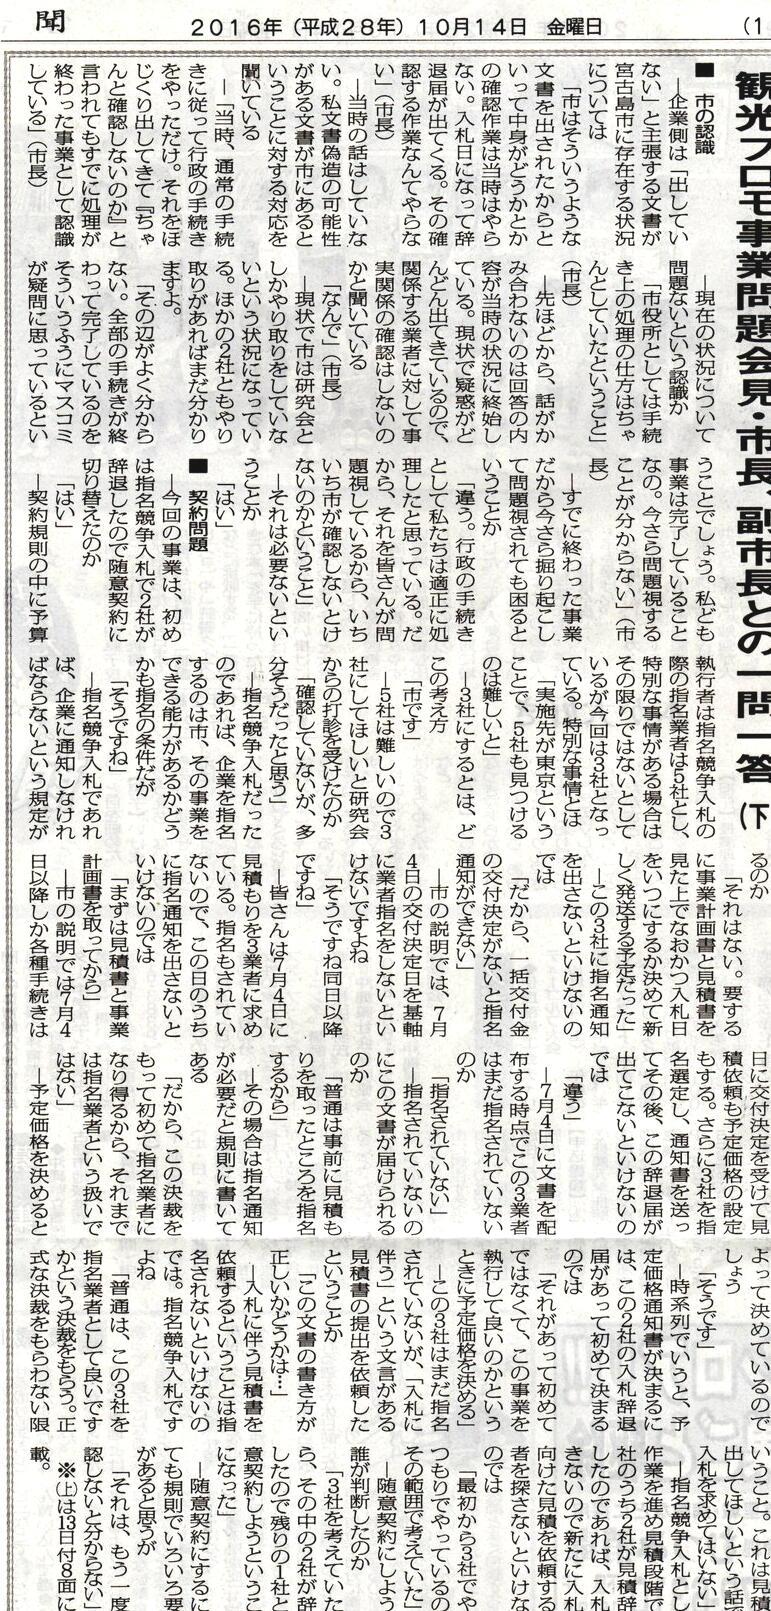 miyakomainichi2016 10141